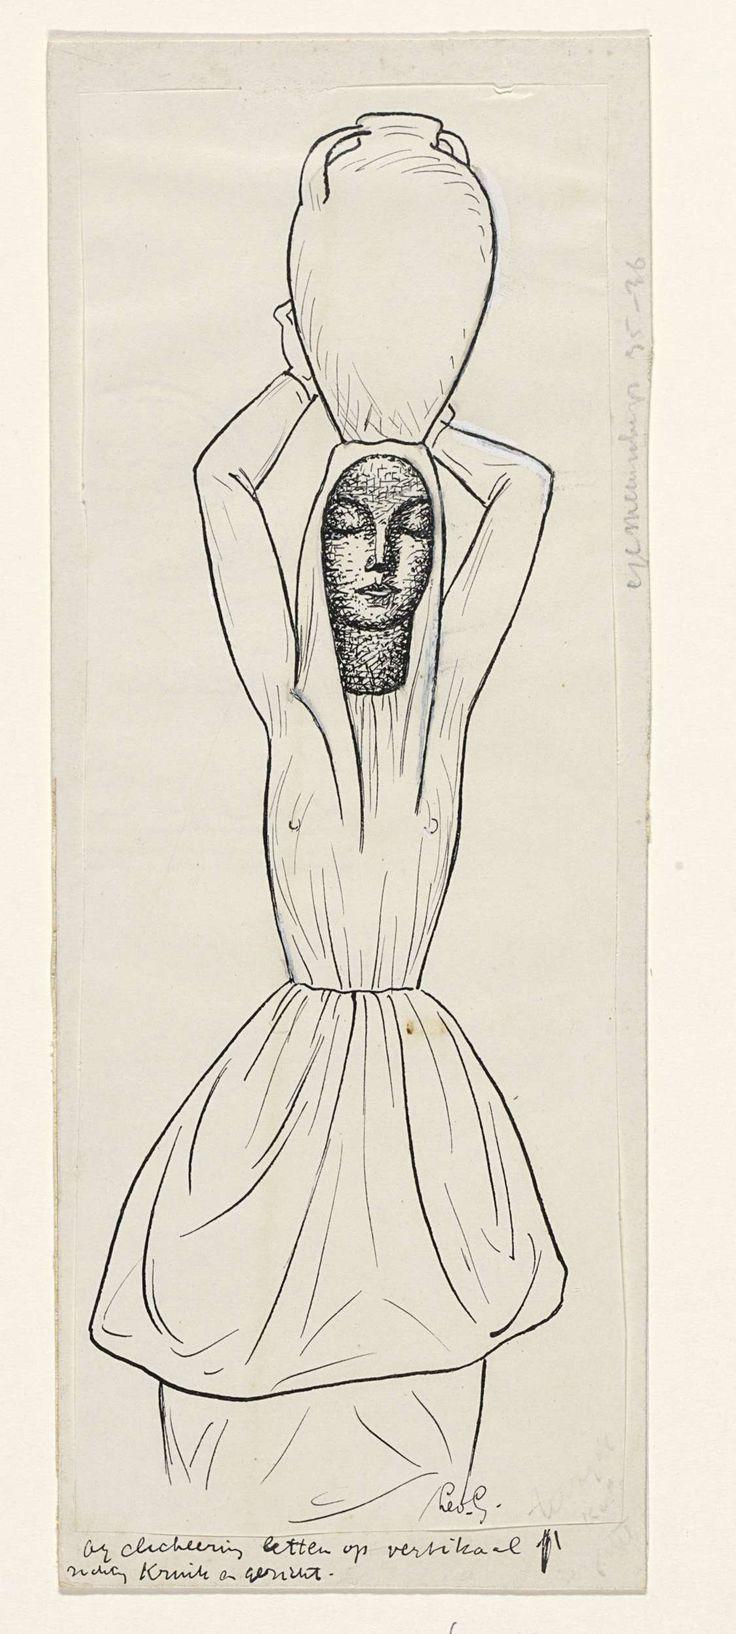 Leo Gestel | Ontwerp voor een vignet: vrouw met kruik op het hoofd, Leo Gestel, 1891 - 1941 |